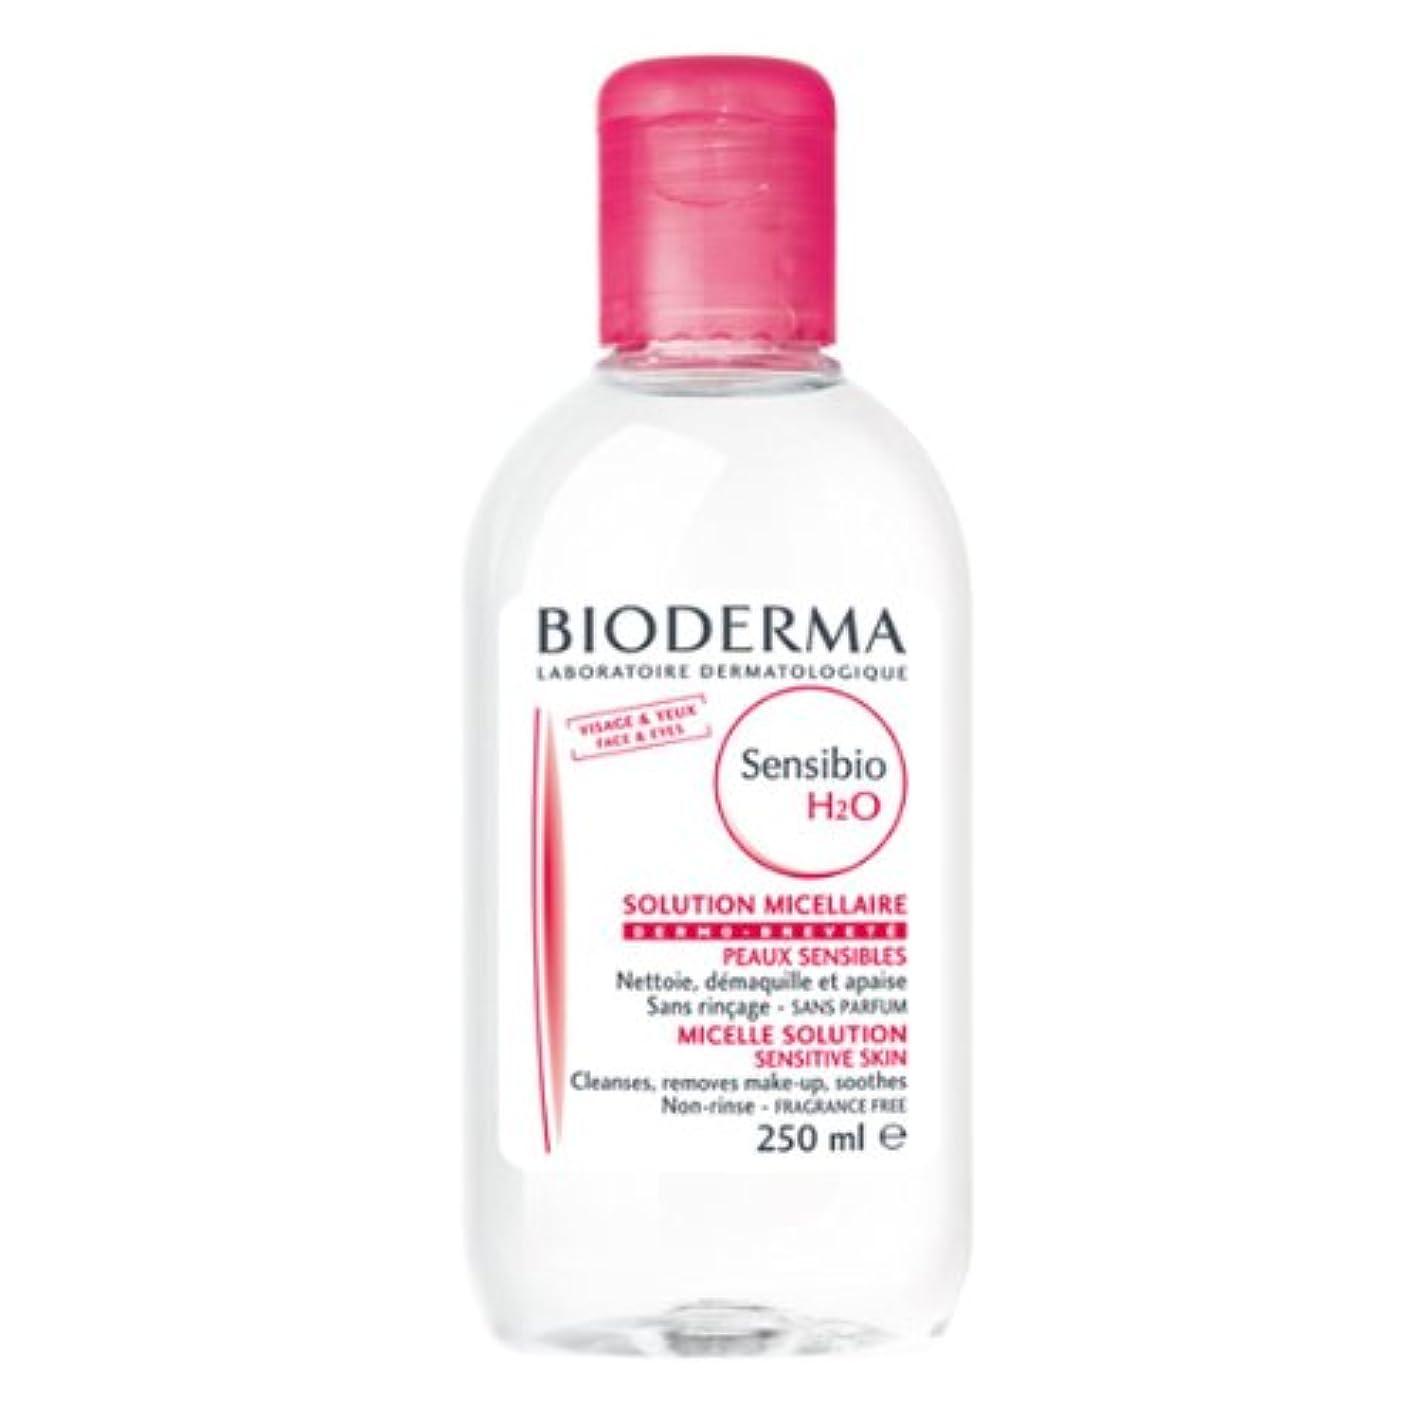 シンカン気配りのある評価可能ビオデルマ(BIODERMA) サンシビオ H2O D (エイチツーオーD) 250ml[並行輸入品]